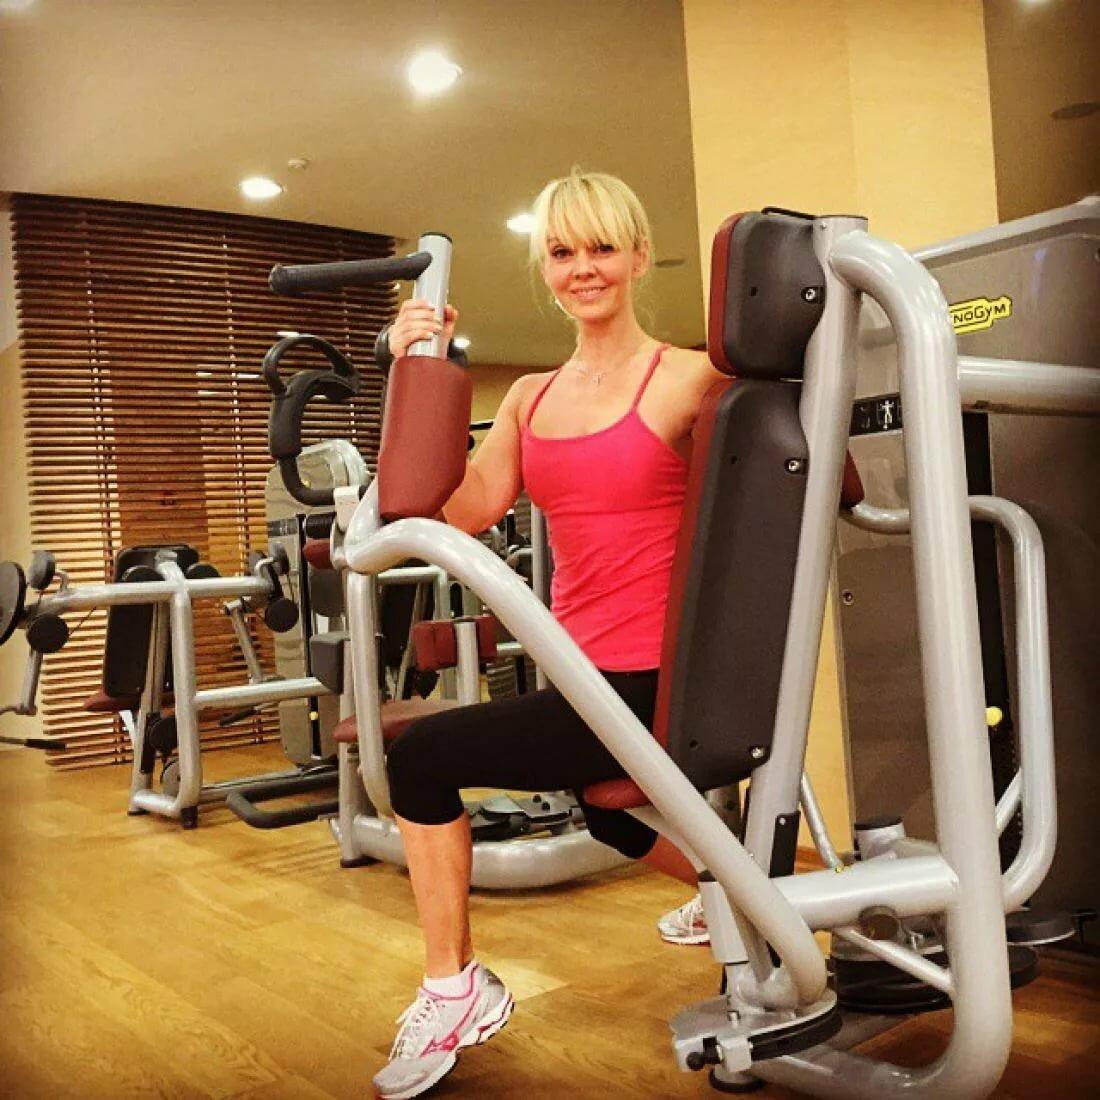 Валерия в свои 51 выглядит просто потрясающе благодаря спорту